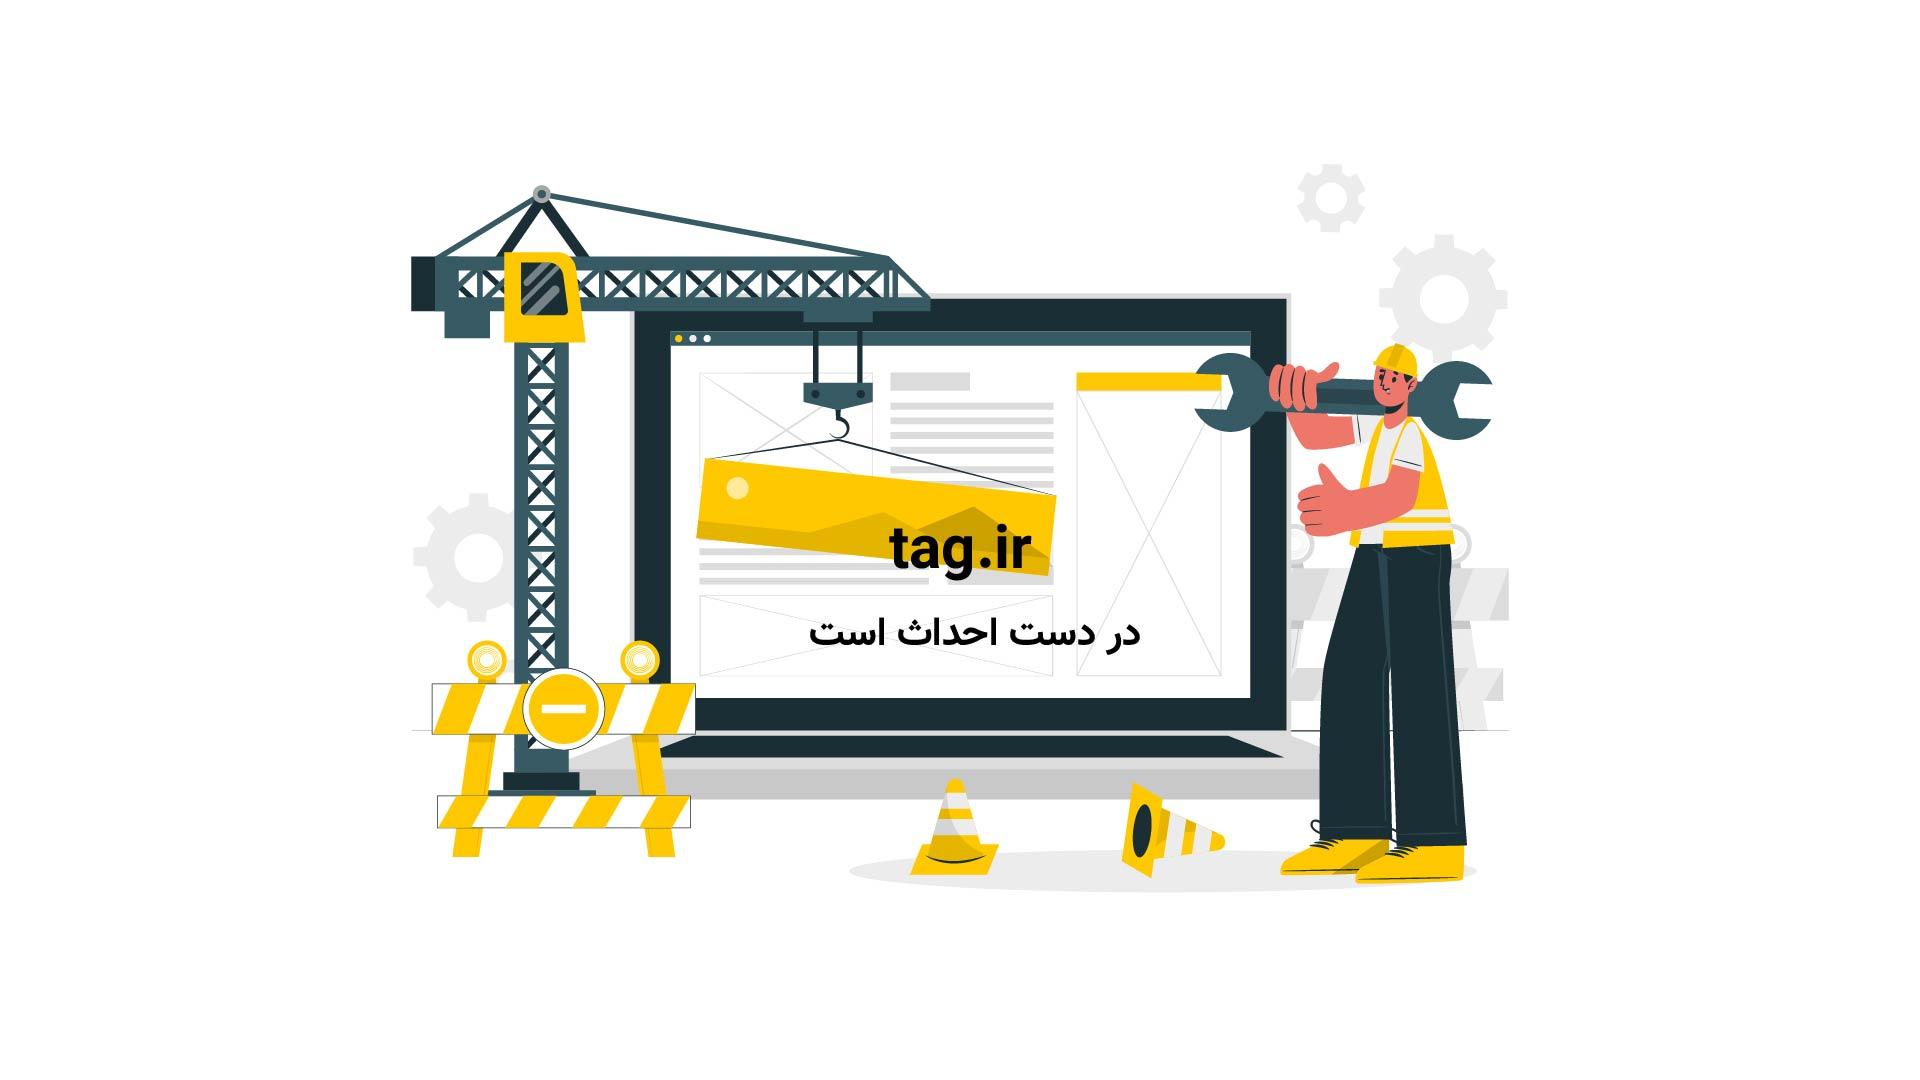 نماز عید فطر در حرم امام رضا   تگ